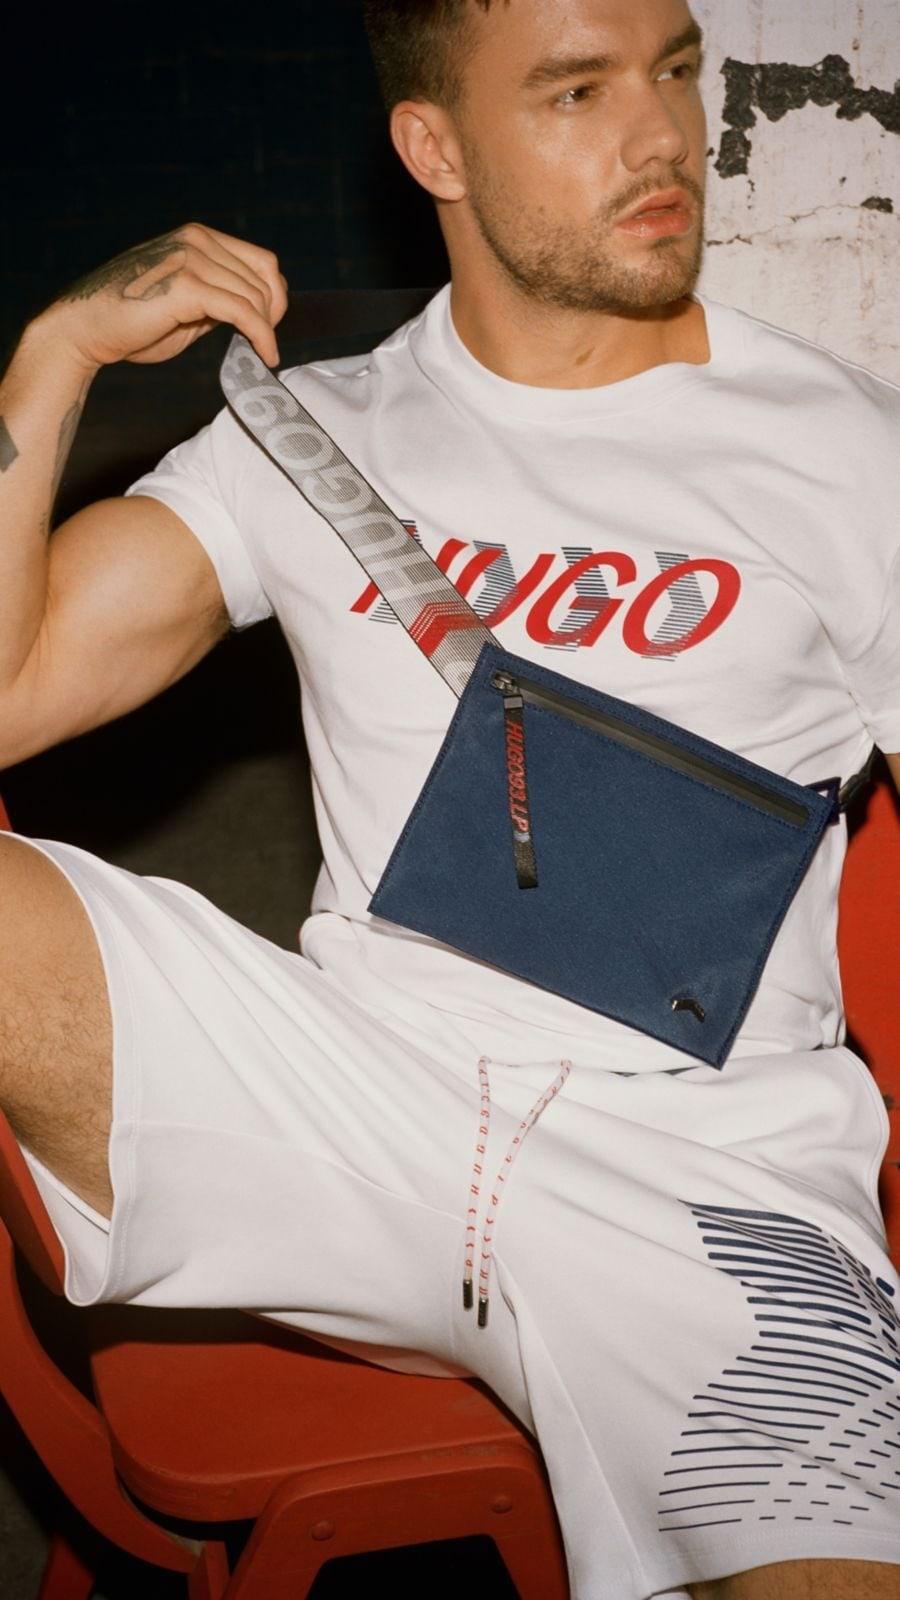 Liam Payne Hugo 2 2020 15 - Фото: Лиам Пейн для новой коллекции «Hugo»